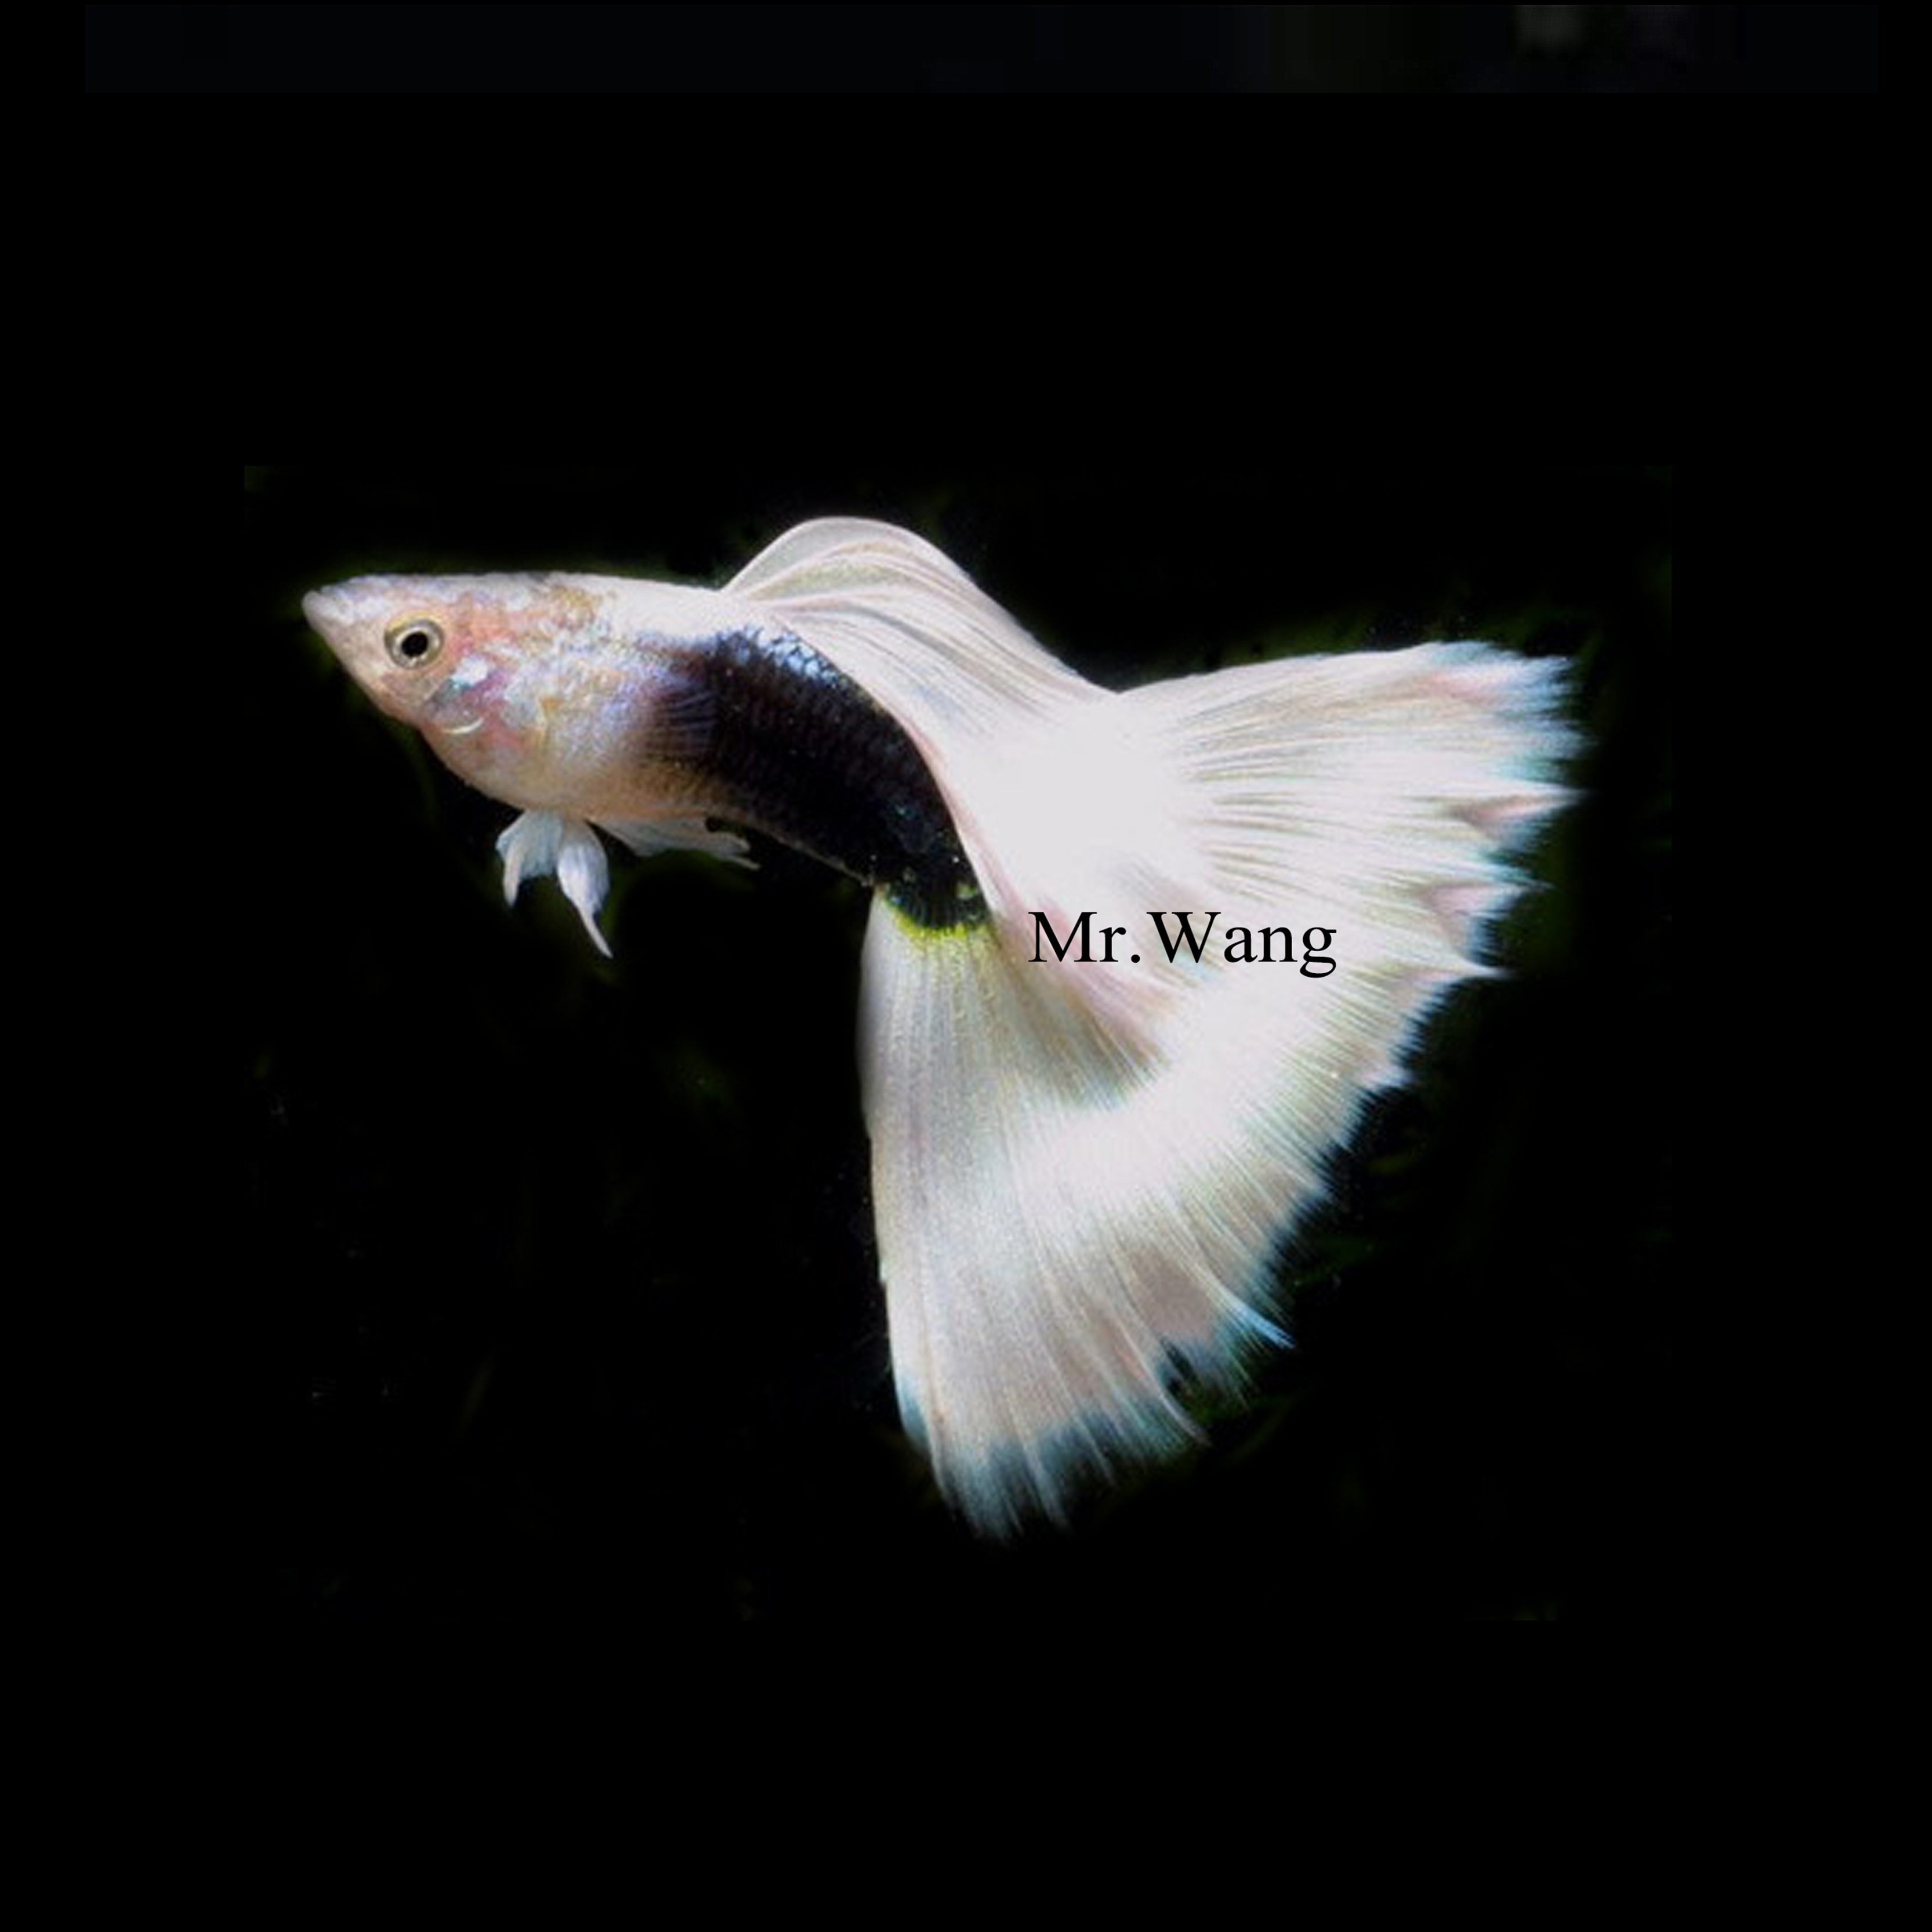 黄礼服孔雀鱼观赏鱼热带鱼凤尾鱼小型鱼淡水鱼纯种活体宠物自繁